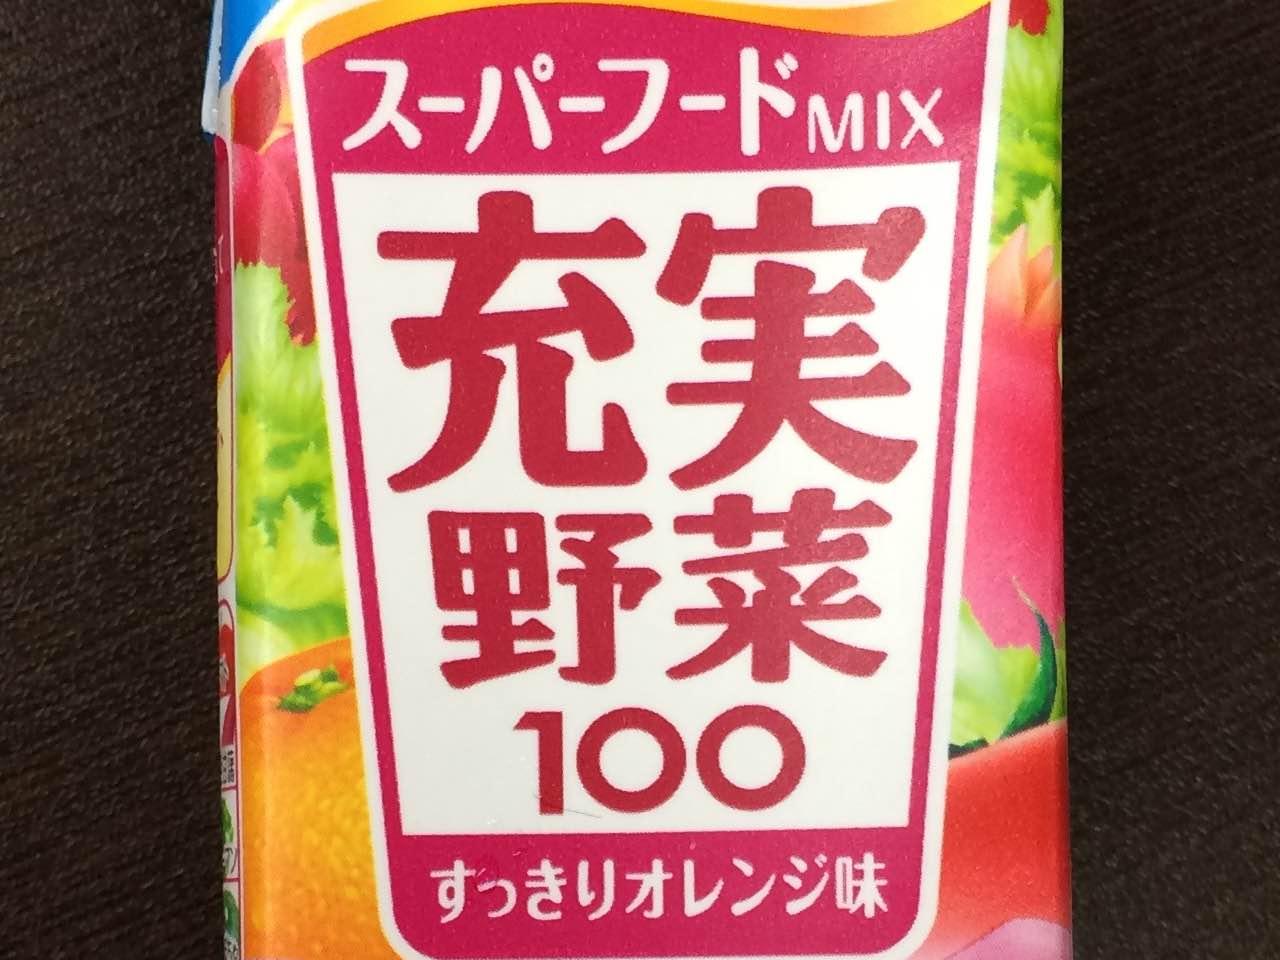 スーパーフードMIX 充実野菜